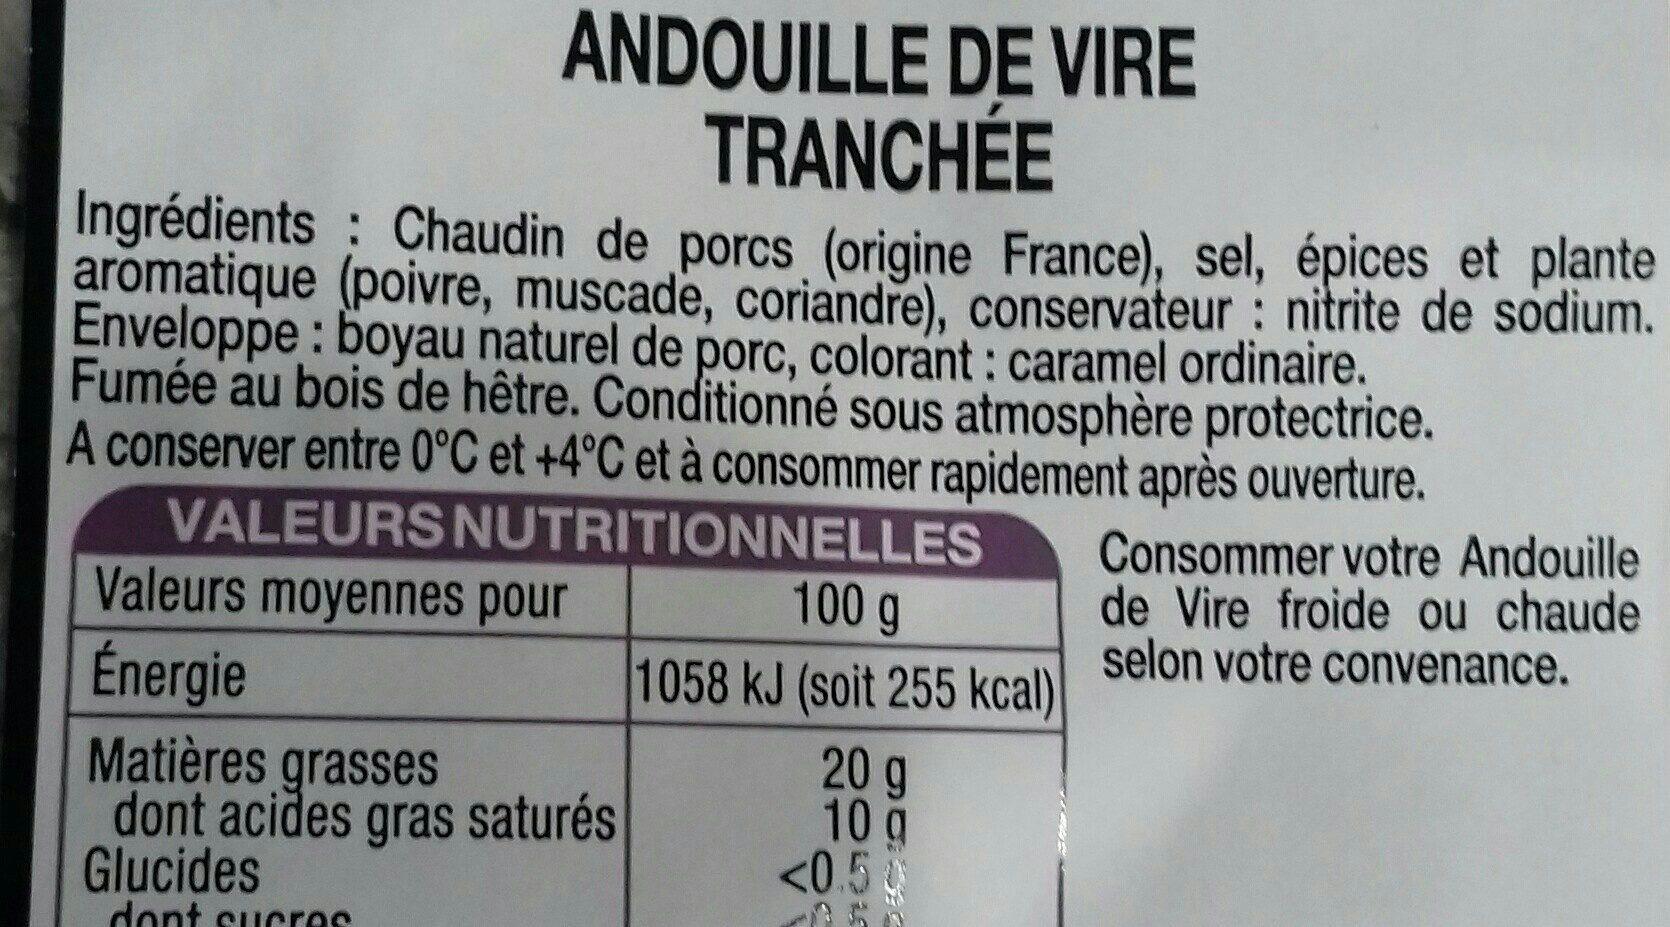 Andouille de Vire tranchée - Ingredients - fr